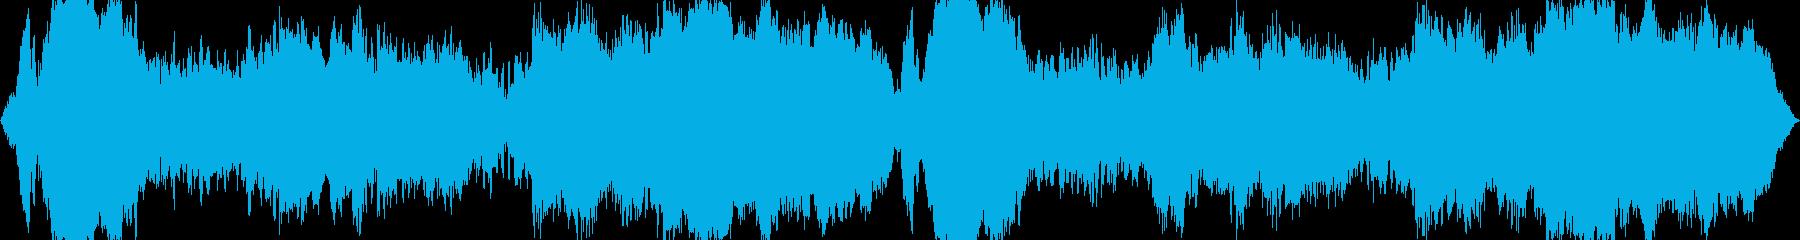 怖い話・怪談・ホラー用BGM(水系)の再生済みの波形